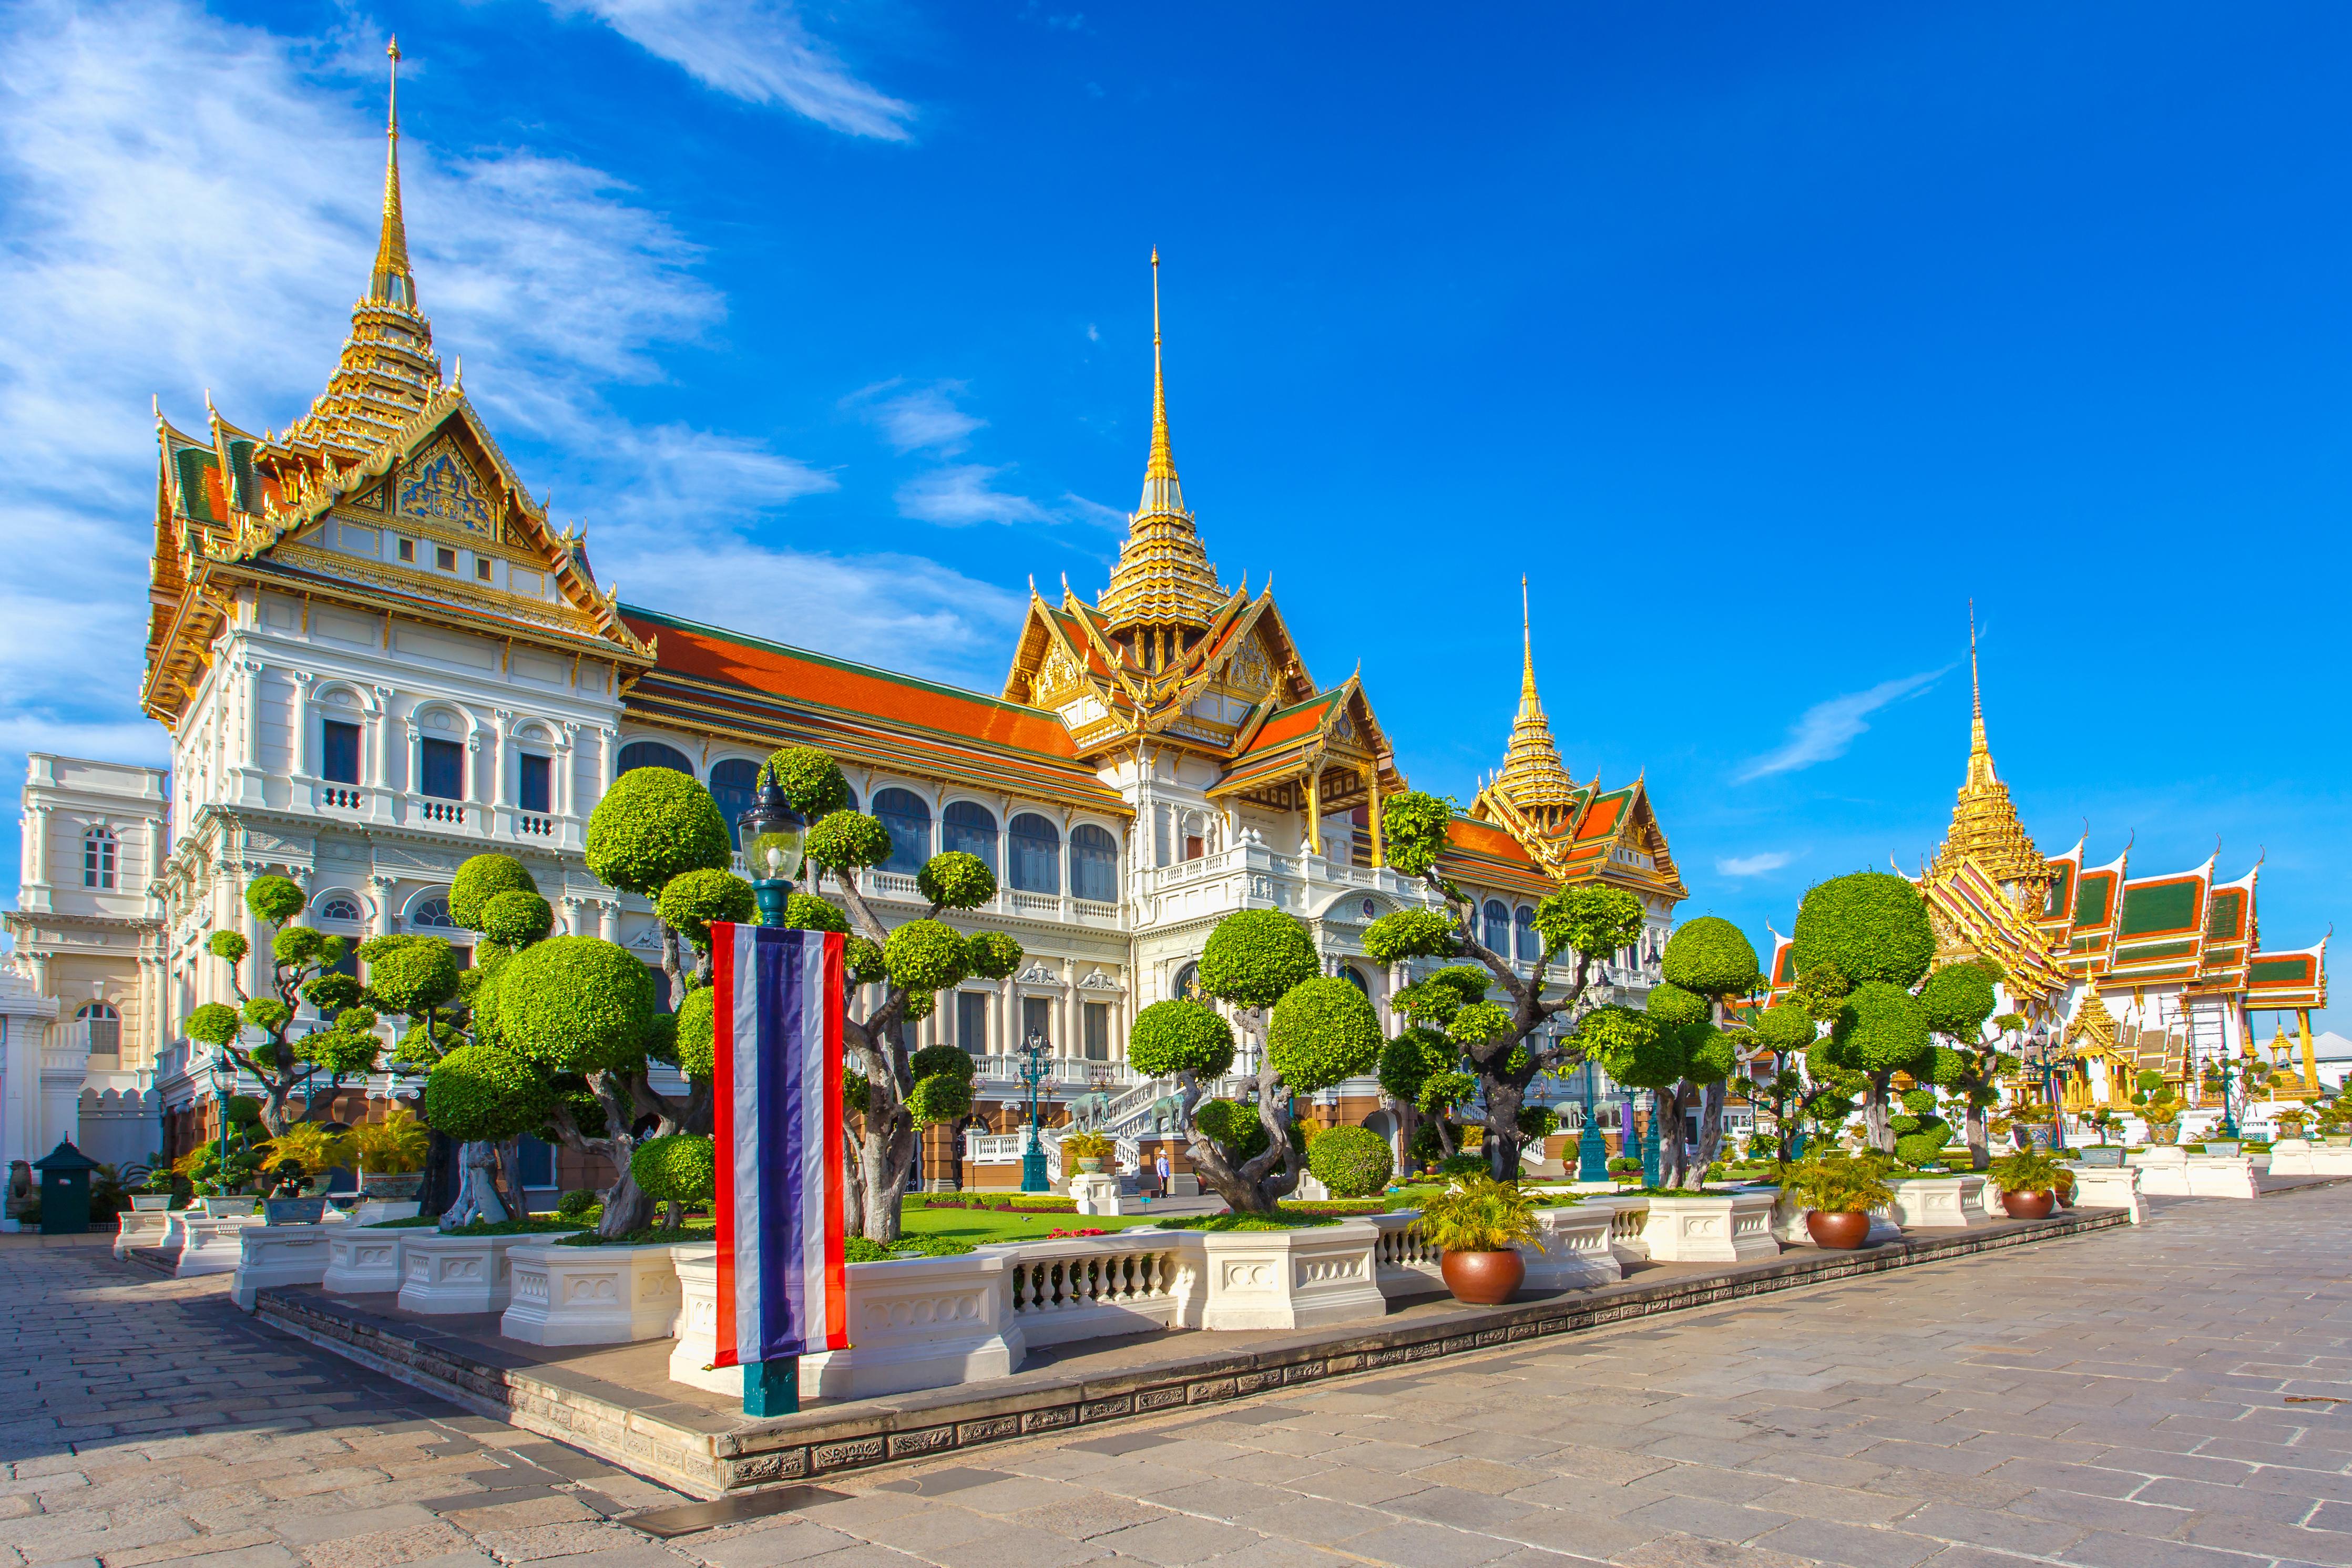 Un imprescindible: el Palacio Real de Bangkok - Tailandia Gran Viaje Tailandia al completo